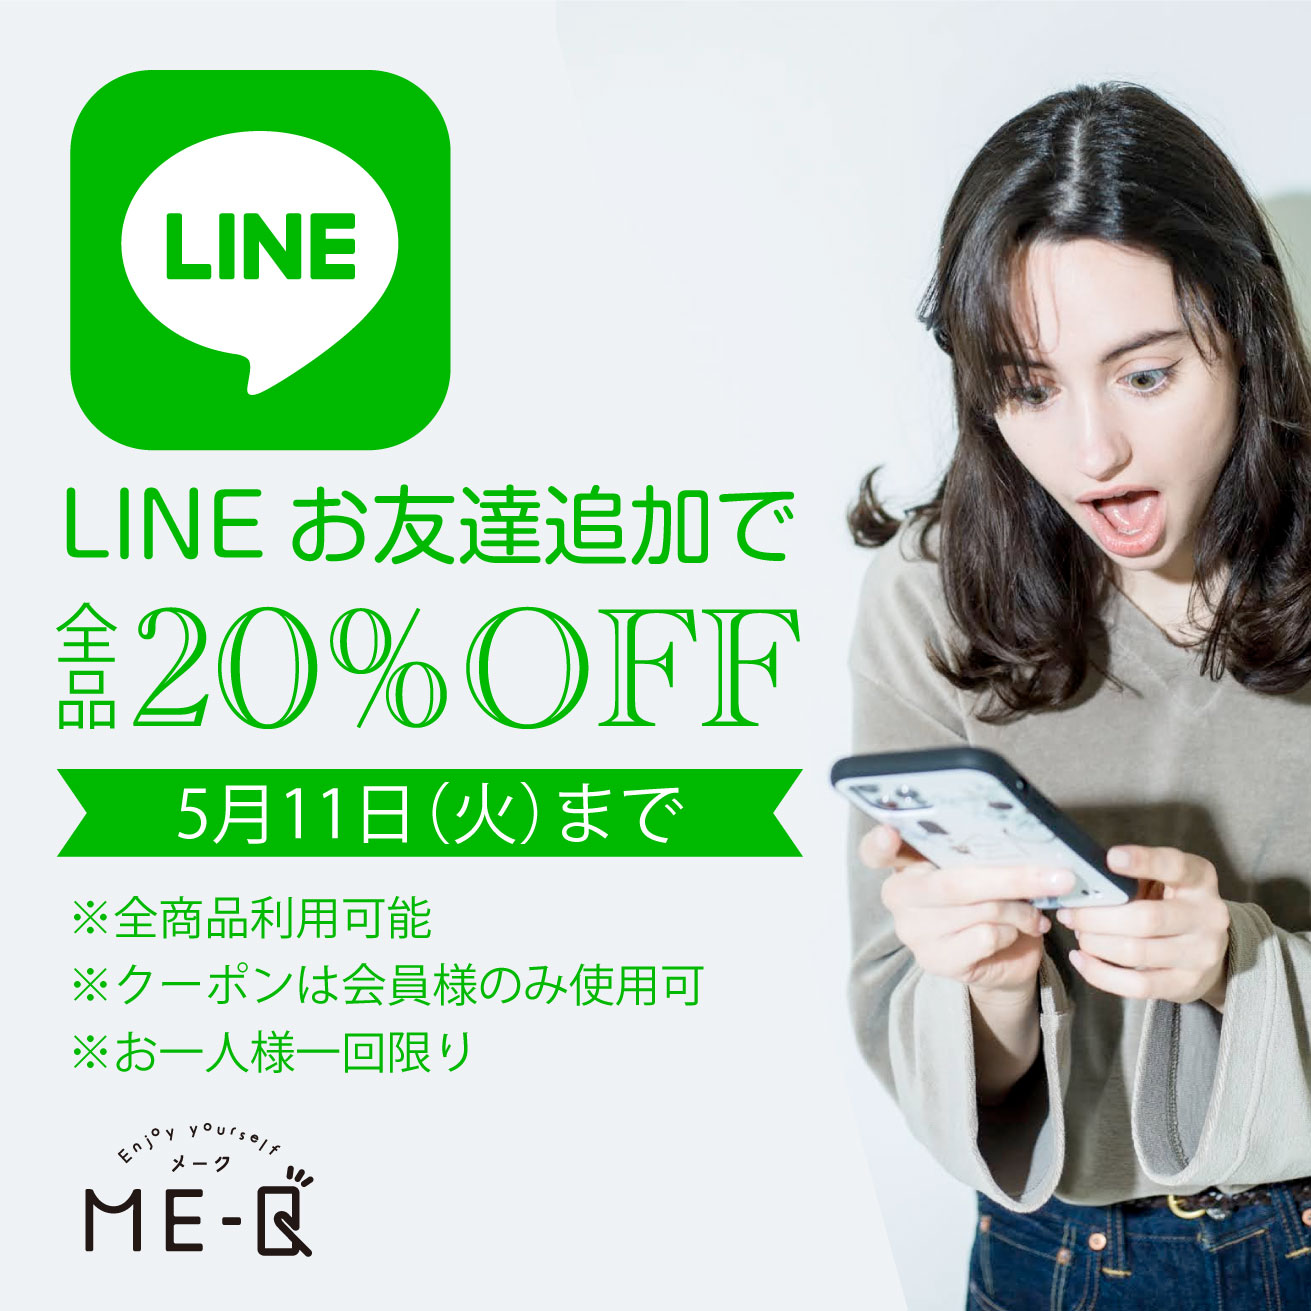 LINE公式アカウント お友達追加で 20%OFF クーポンプレゼント!